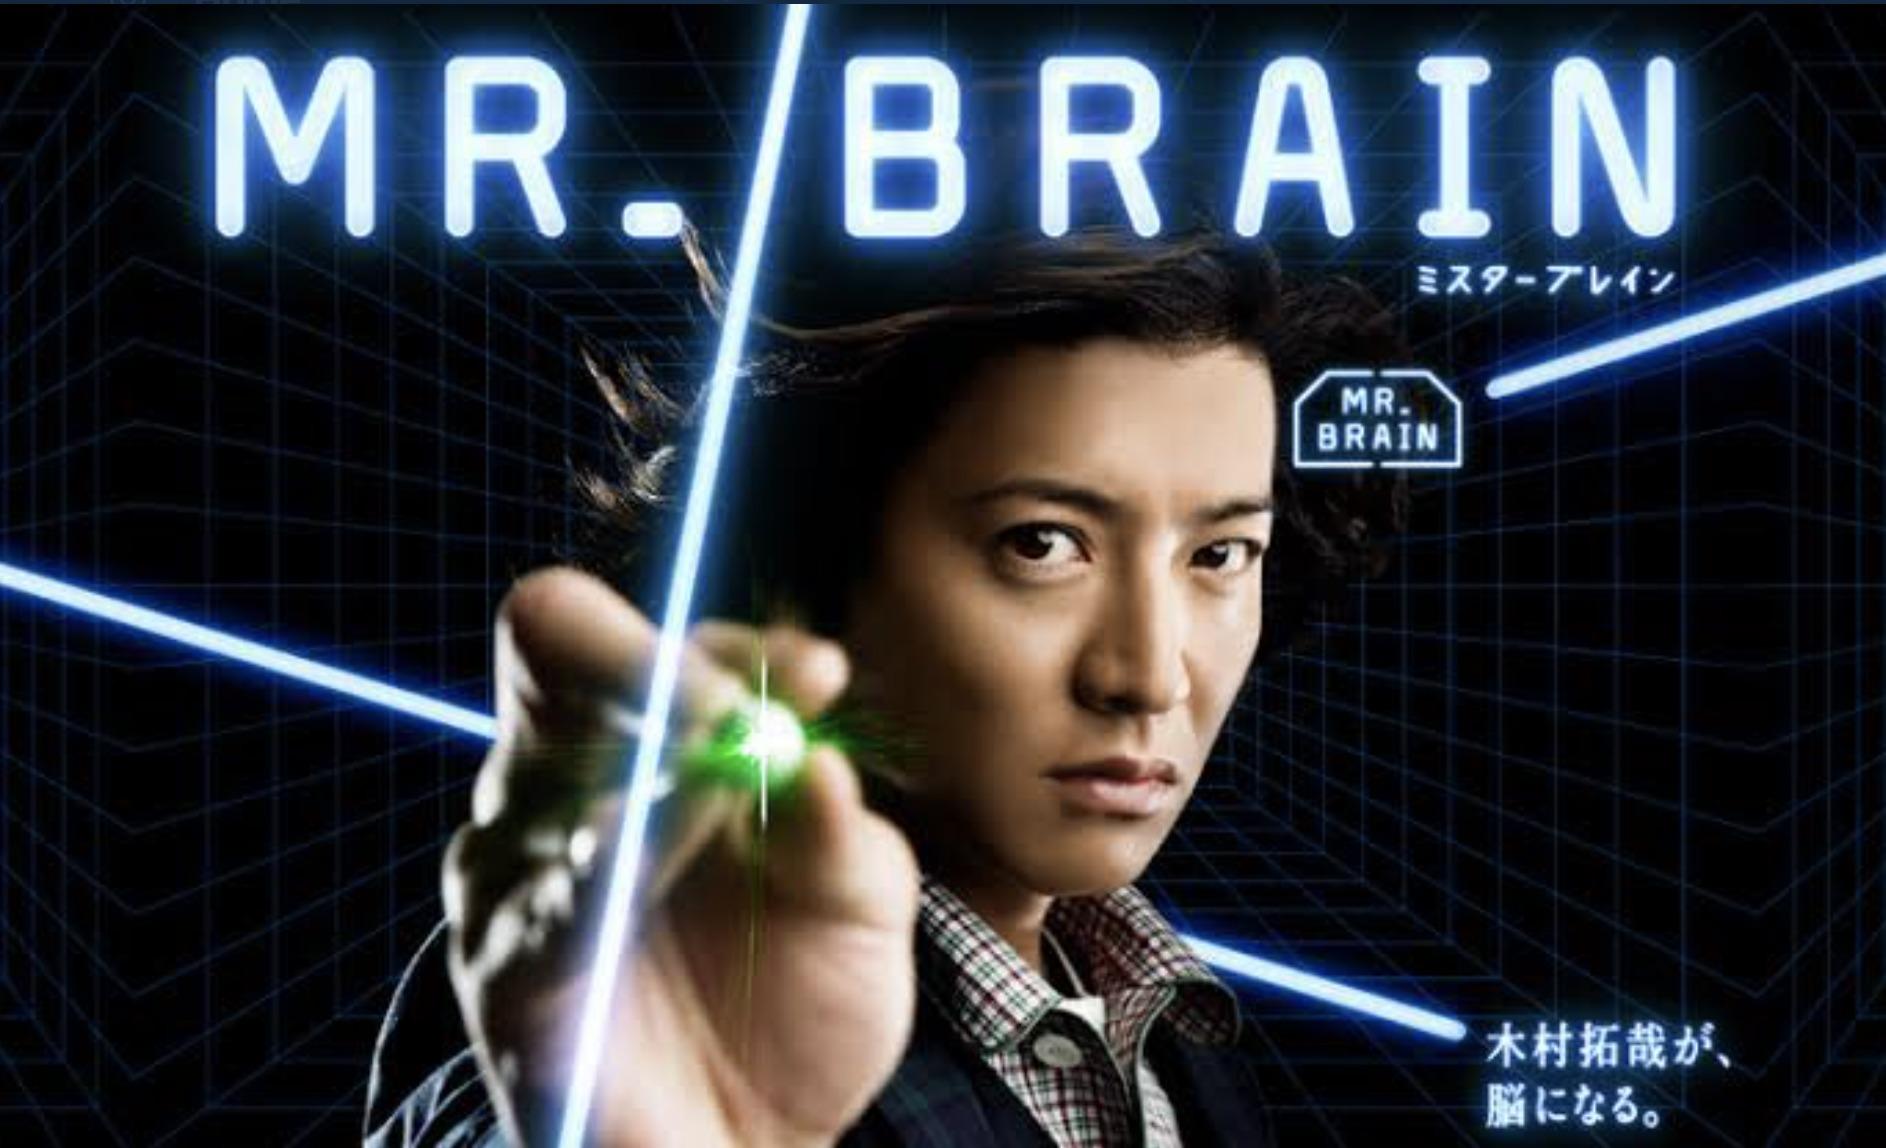 月9ドラマ『Mr.Brain』の画像